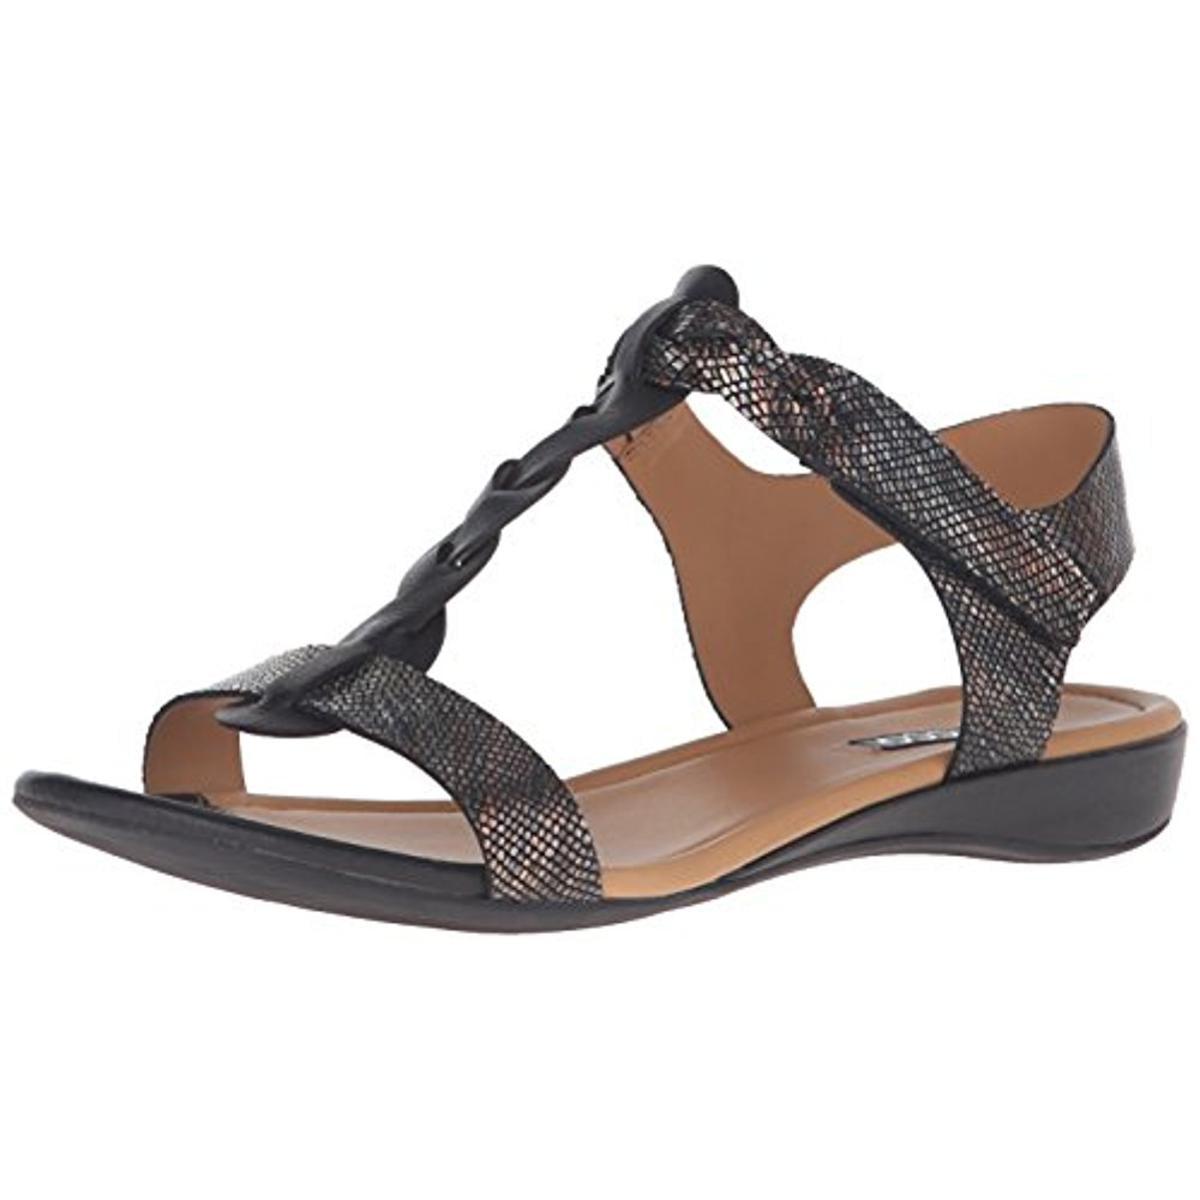 ECCO Womens Bouillon II Leather Mini Wedge T-Strap Sandals by Ecco